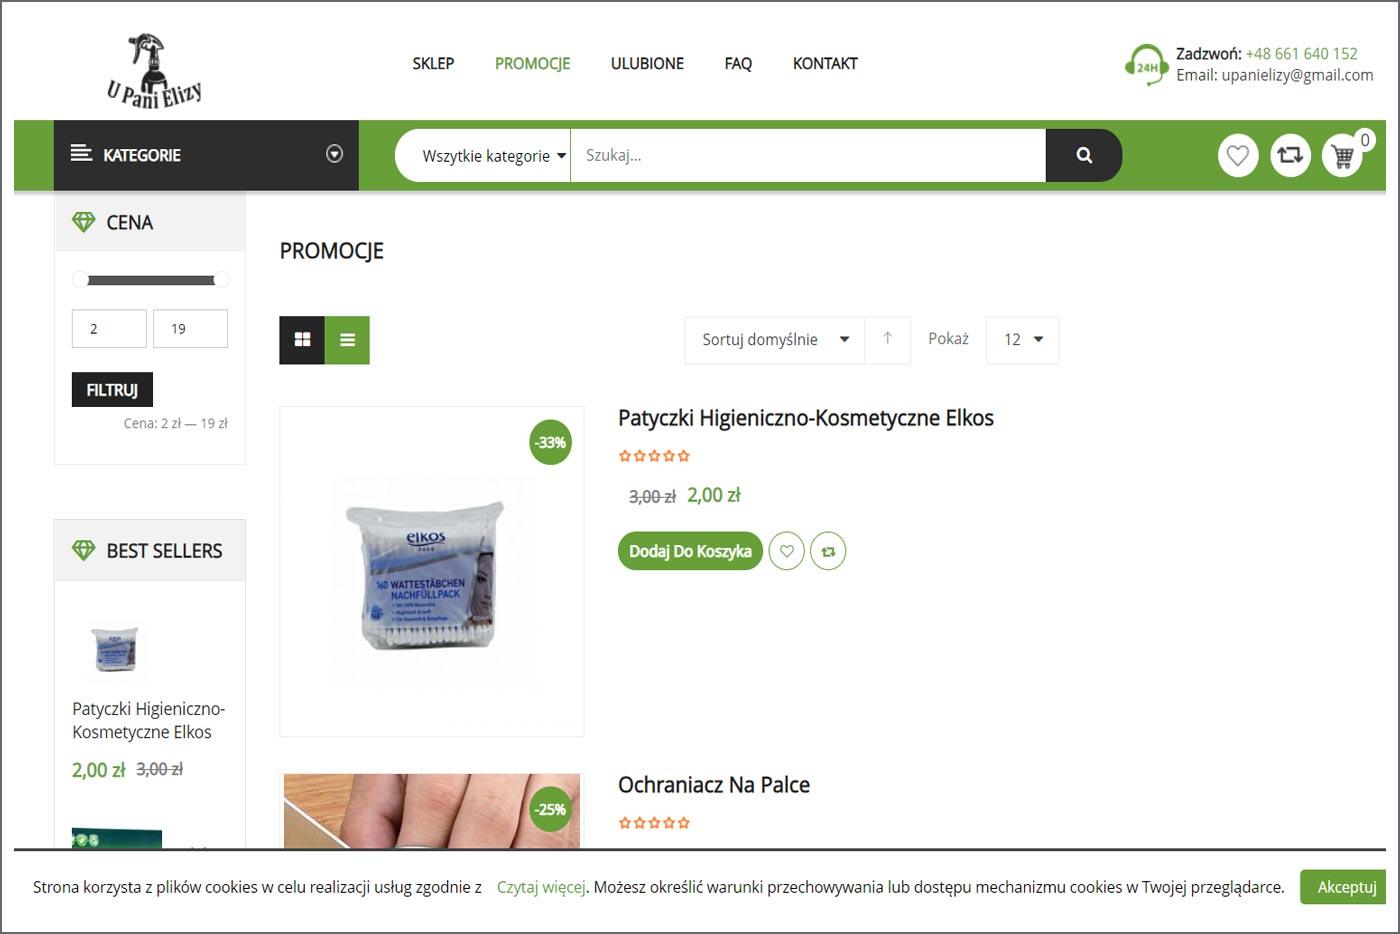 www.evion.pl-agencja-reklamowa-agencja-marketingowa-agencja-interaktywna-Białystok-tworzenie-stron-www-projektowanie-stron-internetowych-tworzenie-sklepów-internetowych-wsklep-upanielizy-3 — kopia